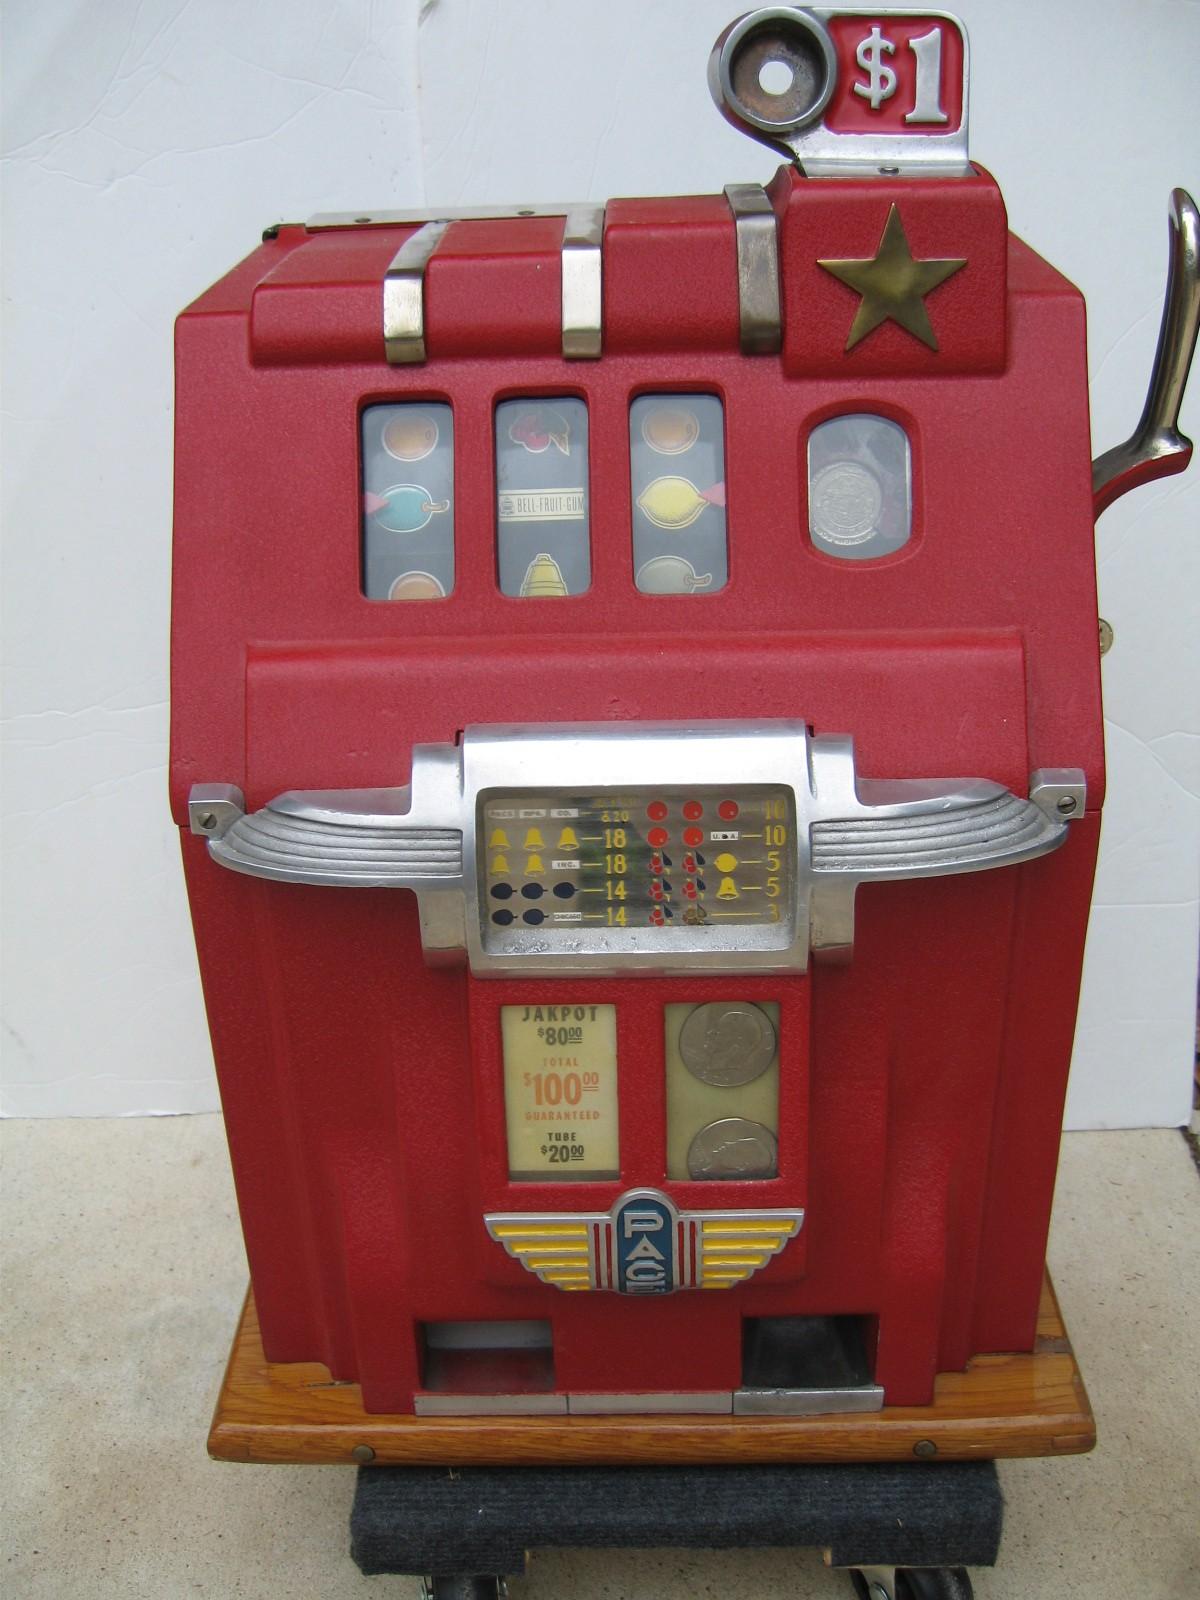 dollar machine